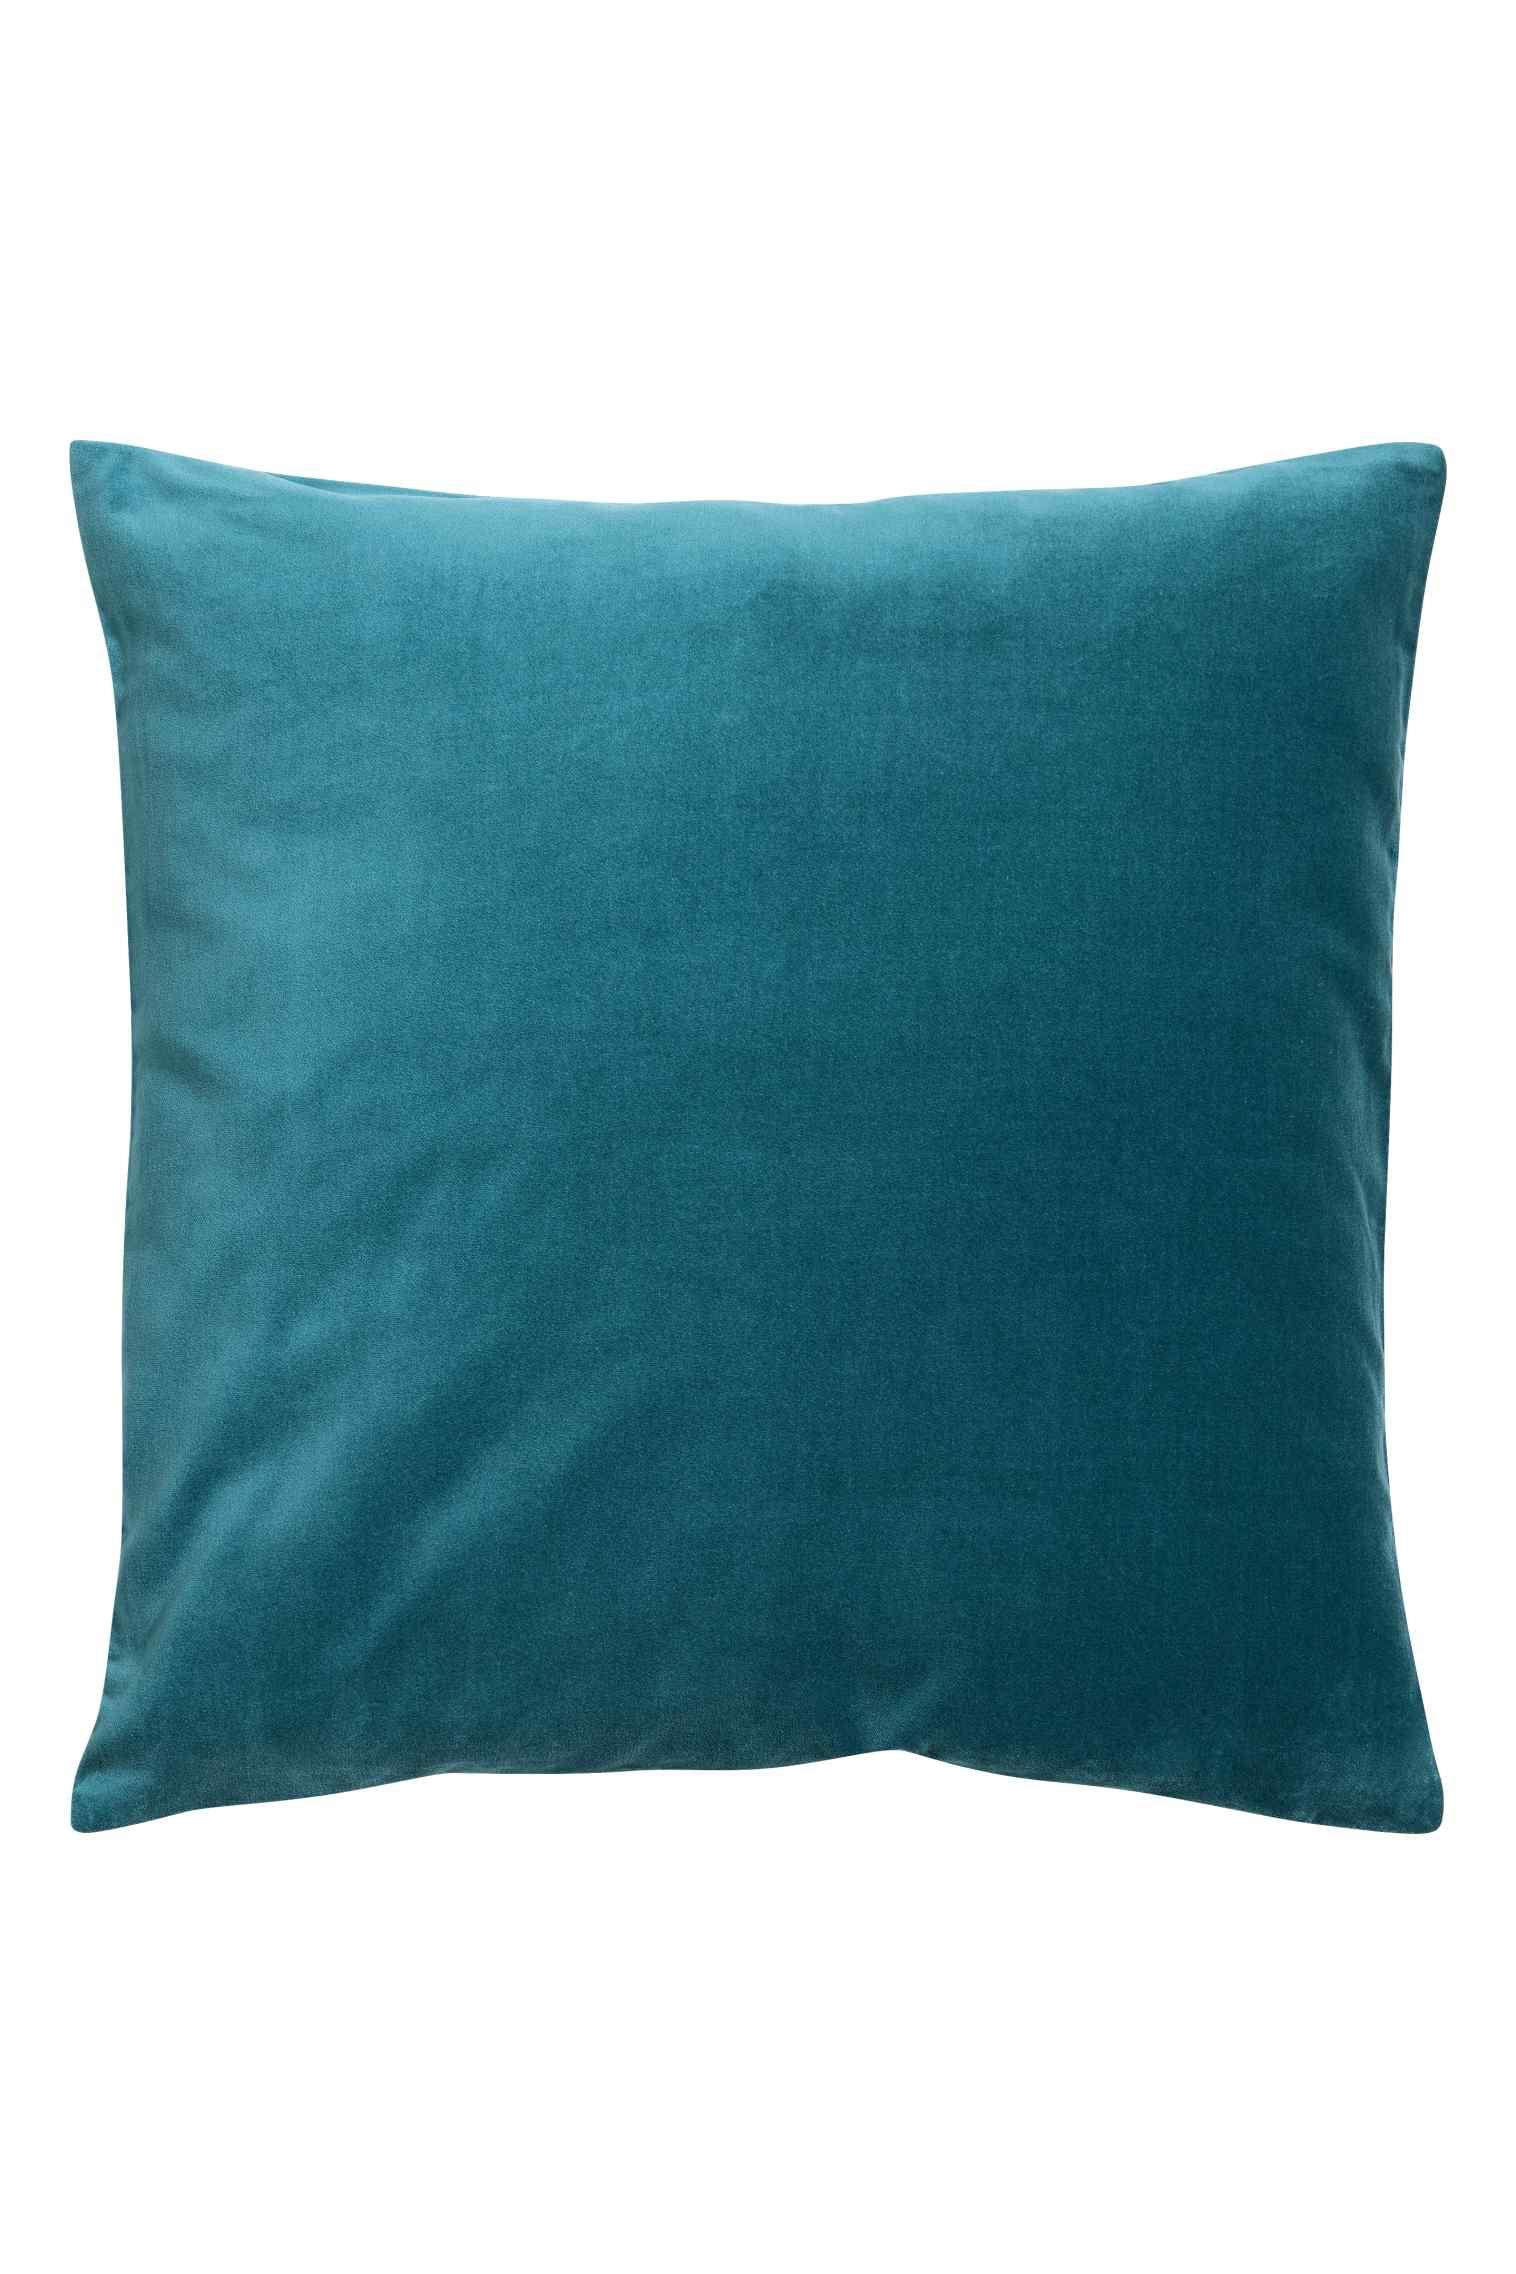 Velvet cushion cover 20in., $13